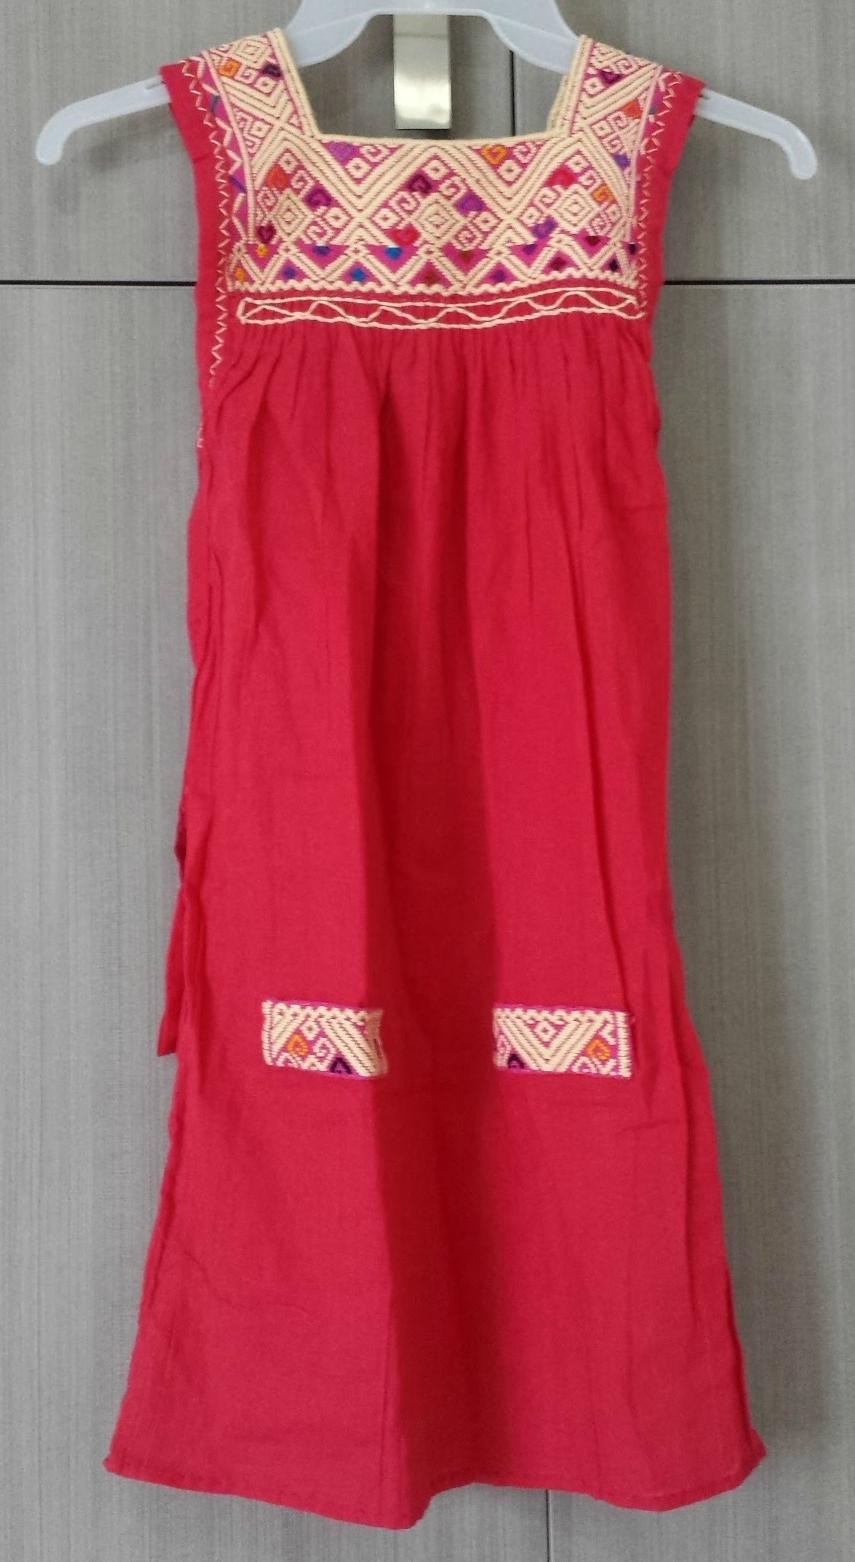 69be4d43a Vestidito para niñas hechos a mano. | Ropa artesanal para niñas ...